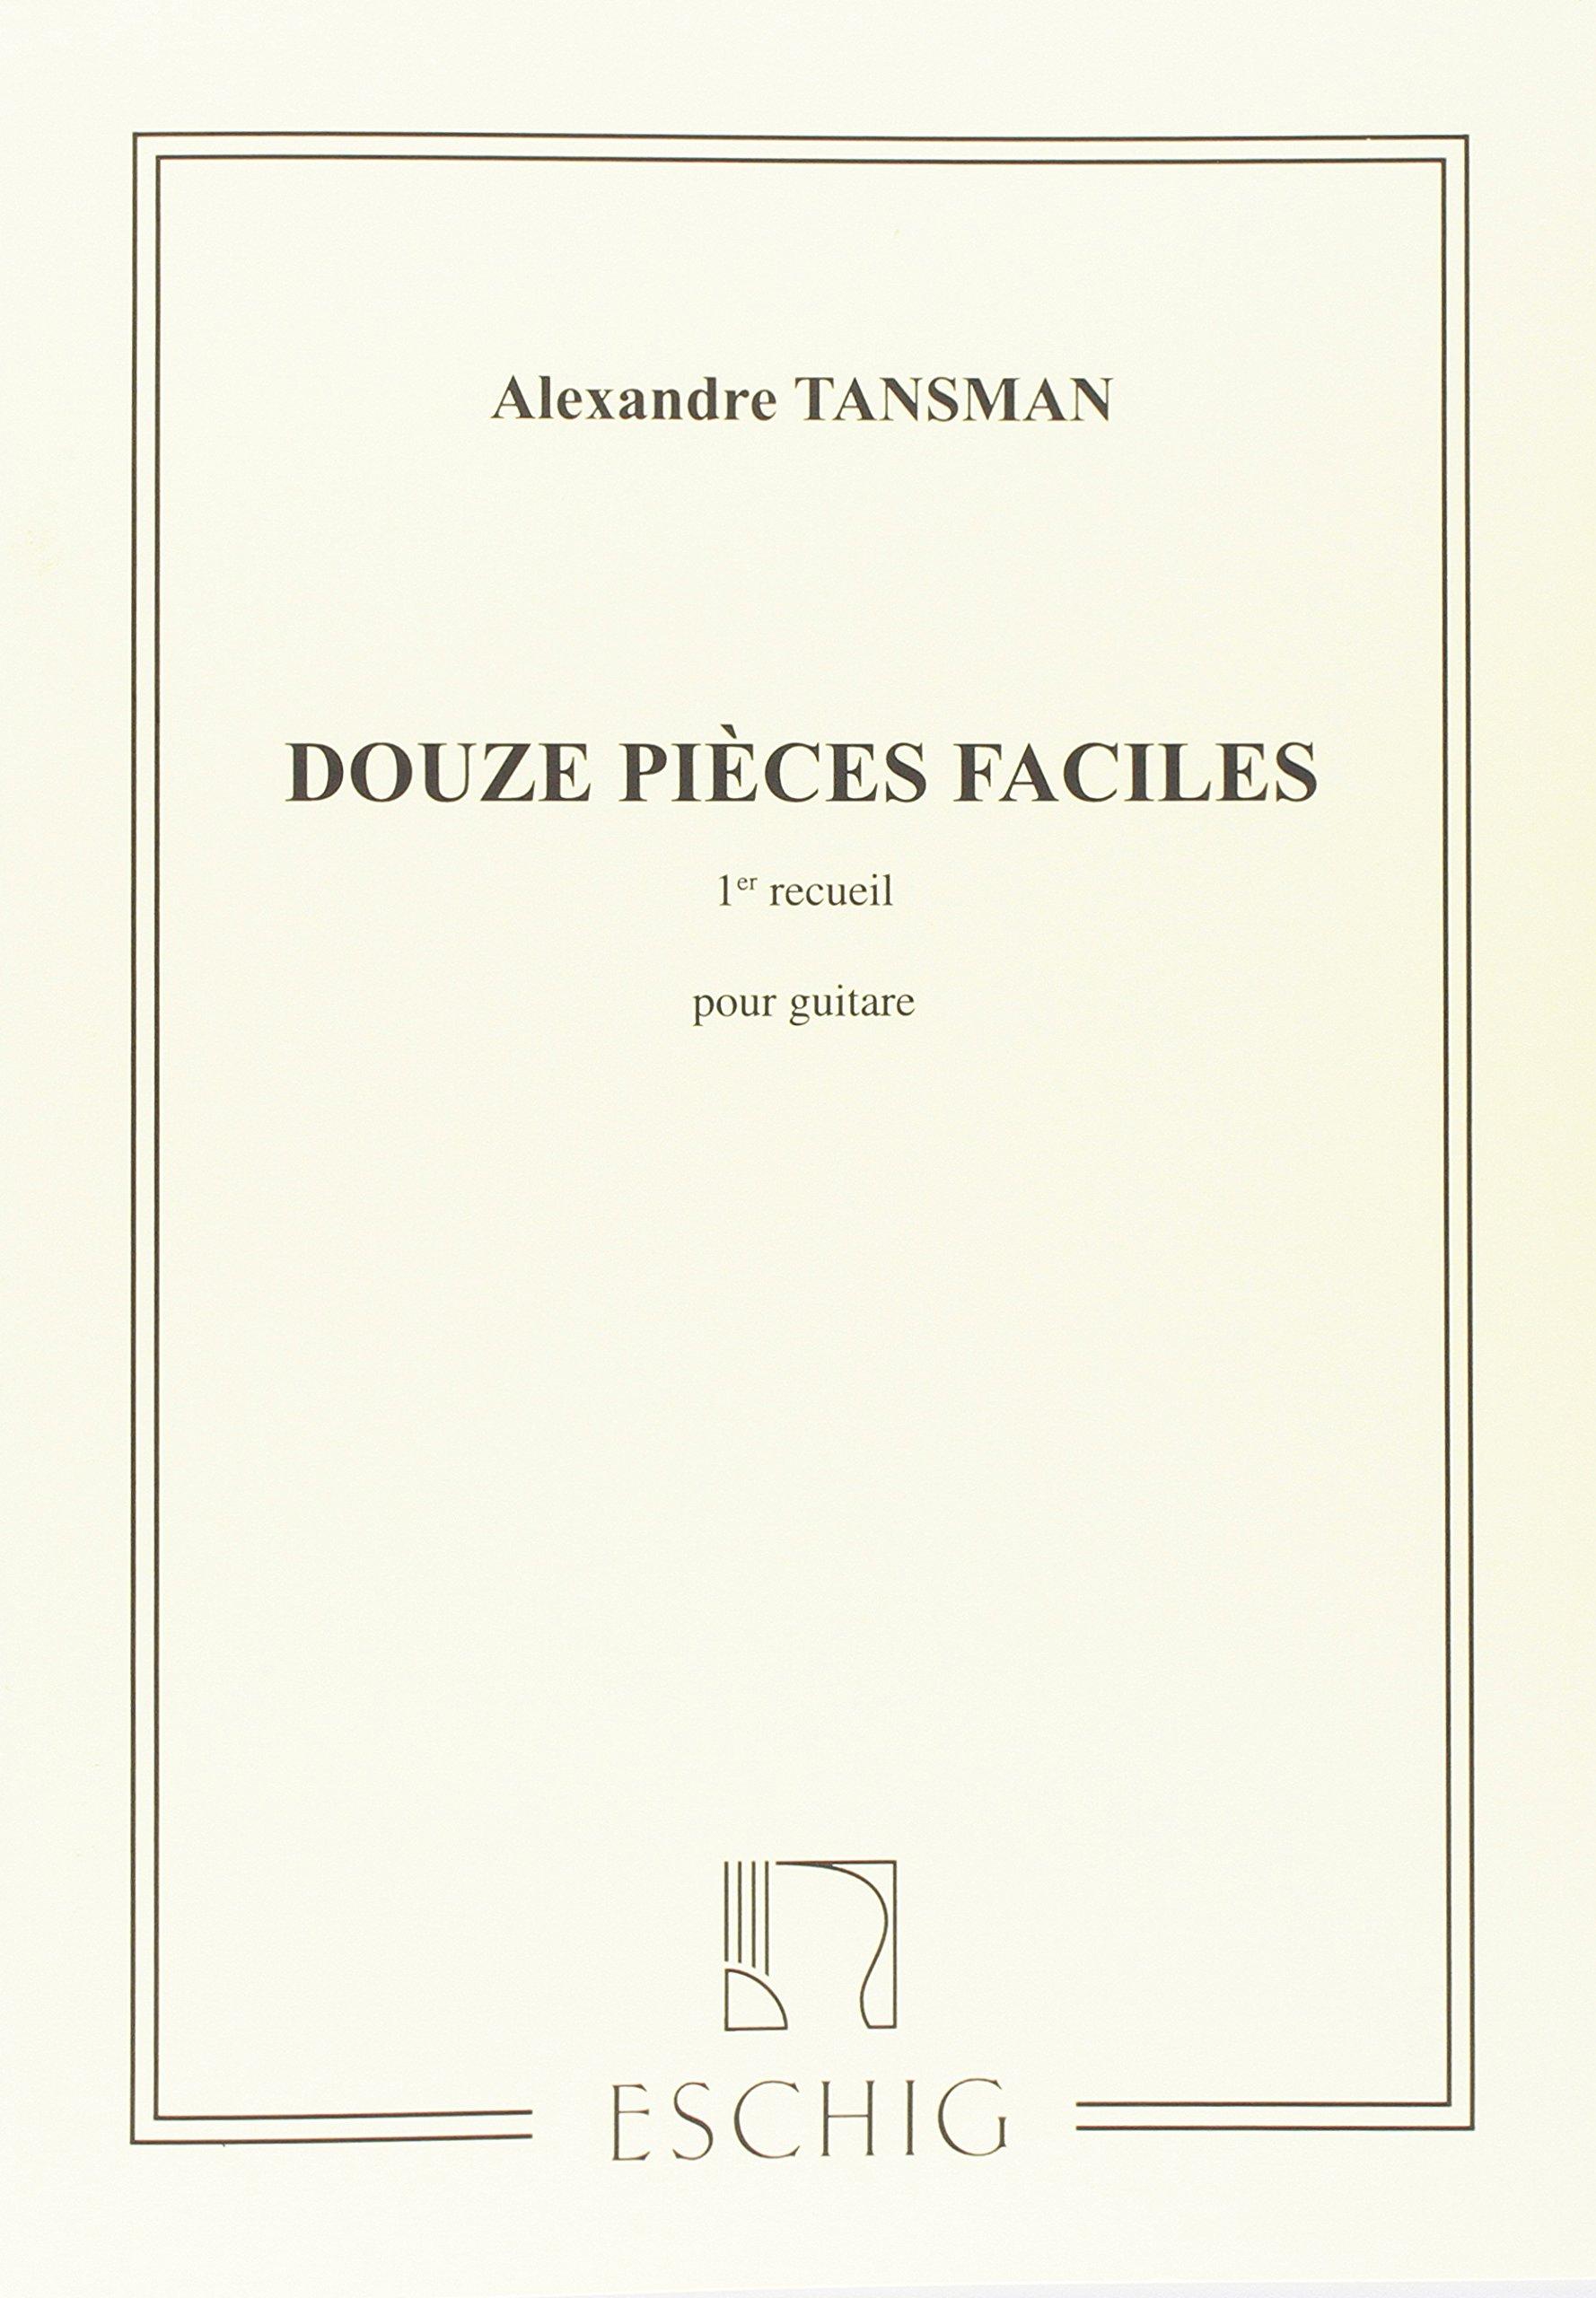 Douze pièces faciles pour guitare / premier recueil Copertina flessibile – 1 gen 2001 Alexandre Tansman Max Eschig 0045033986 Musique - danse